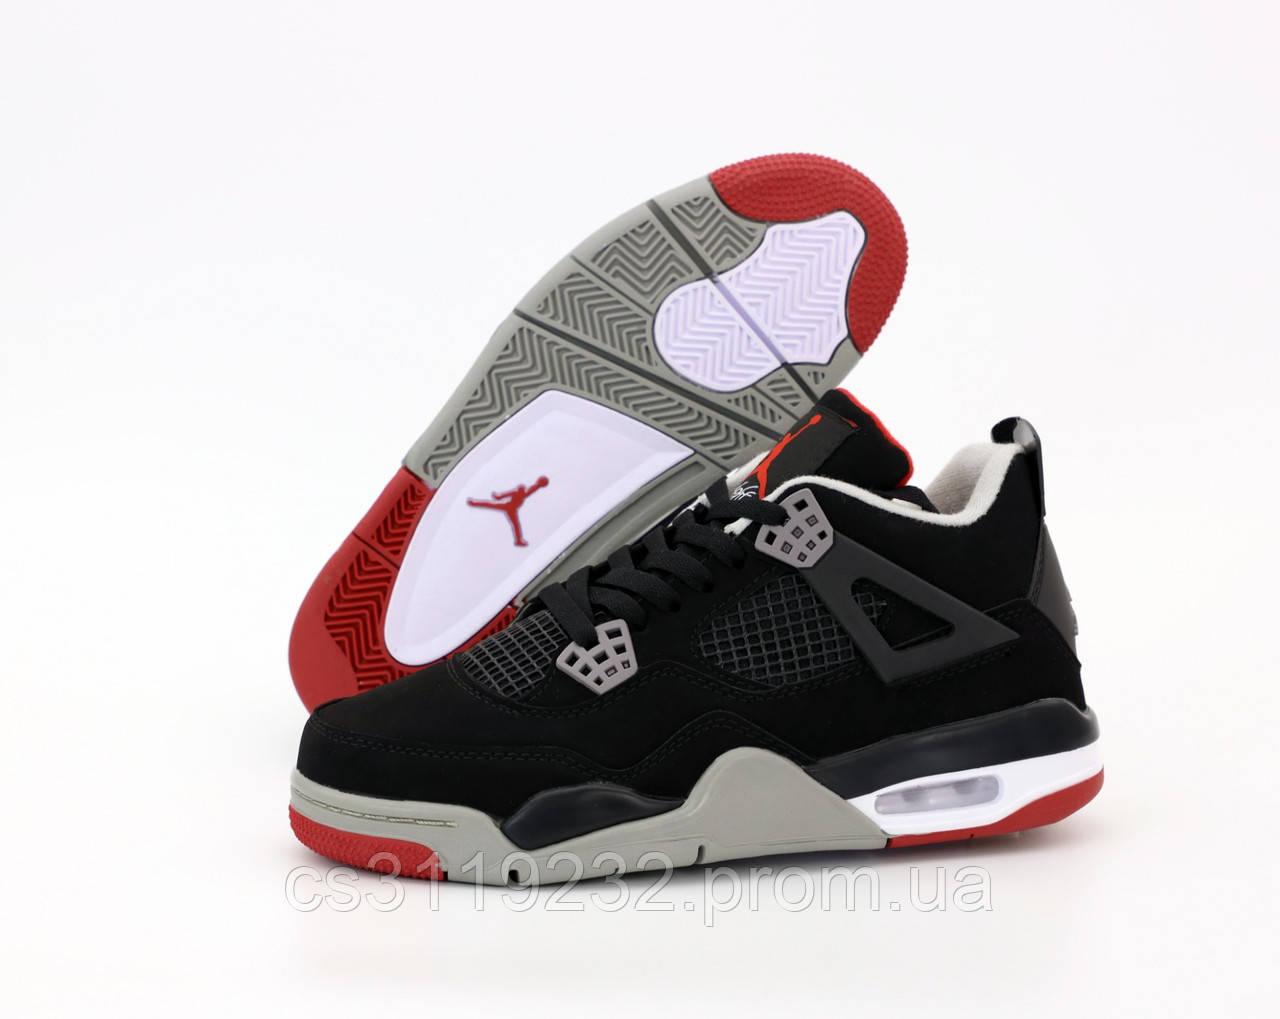 Мужские кроссовки Nike Air Jordan Black Red (черные)